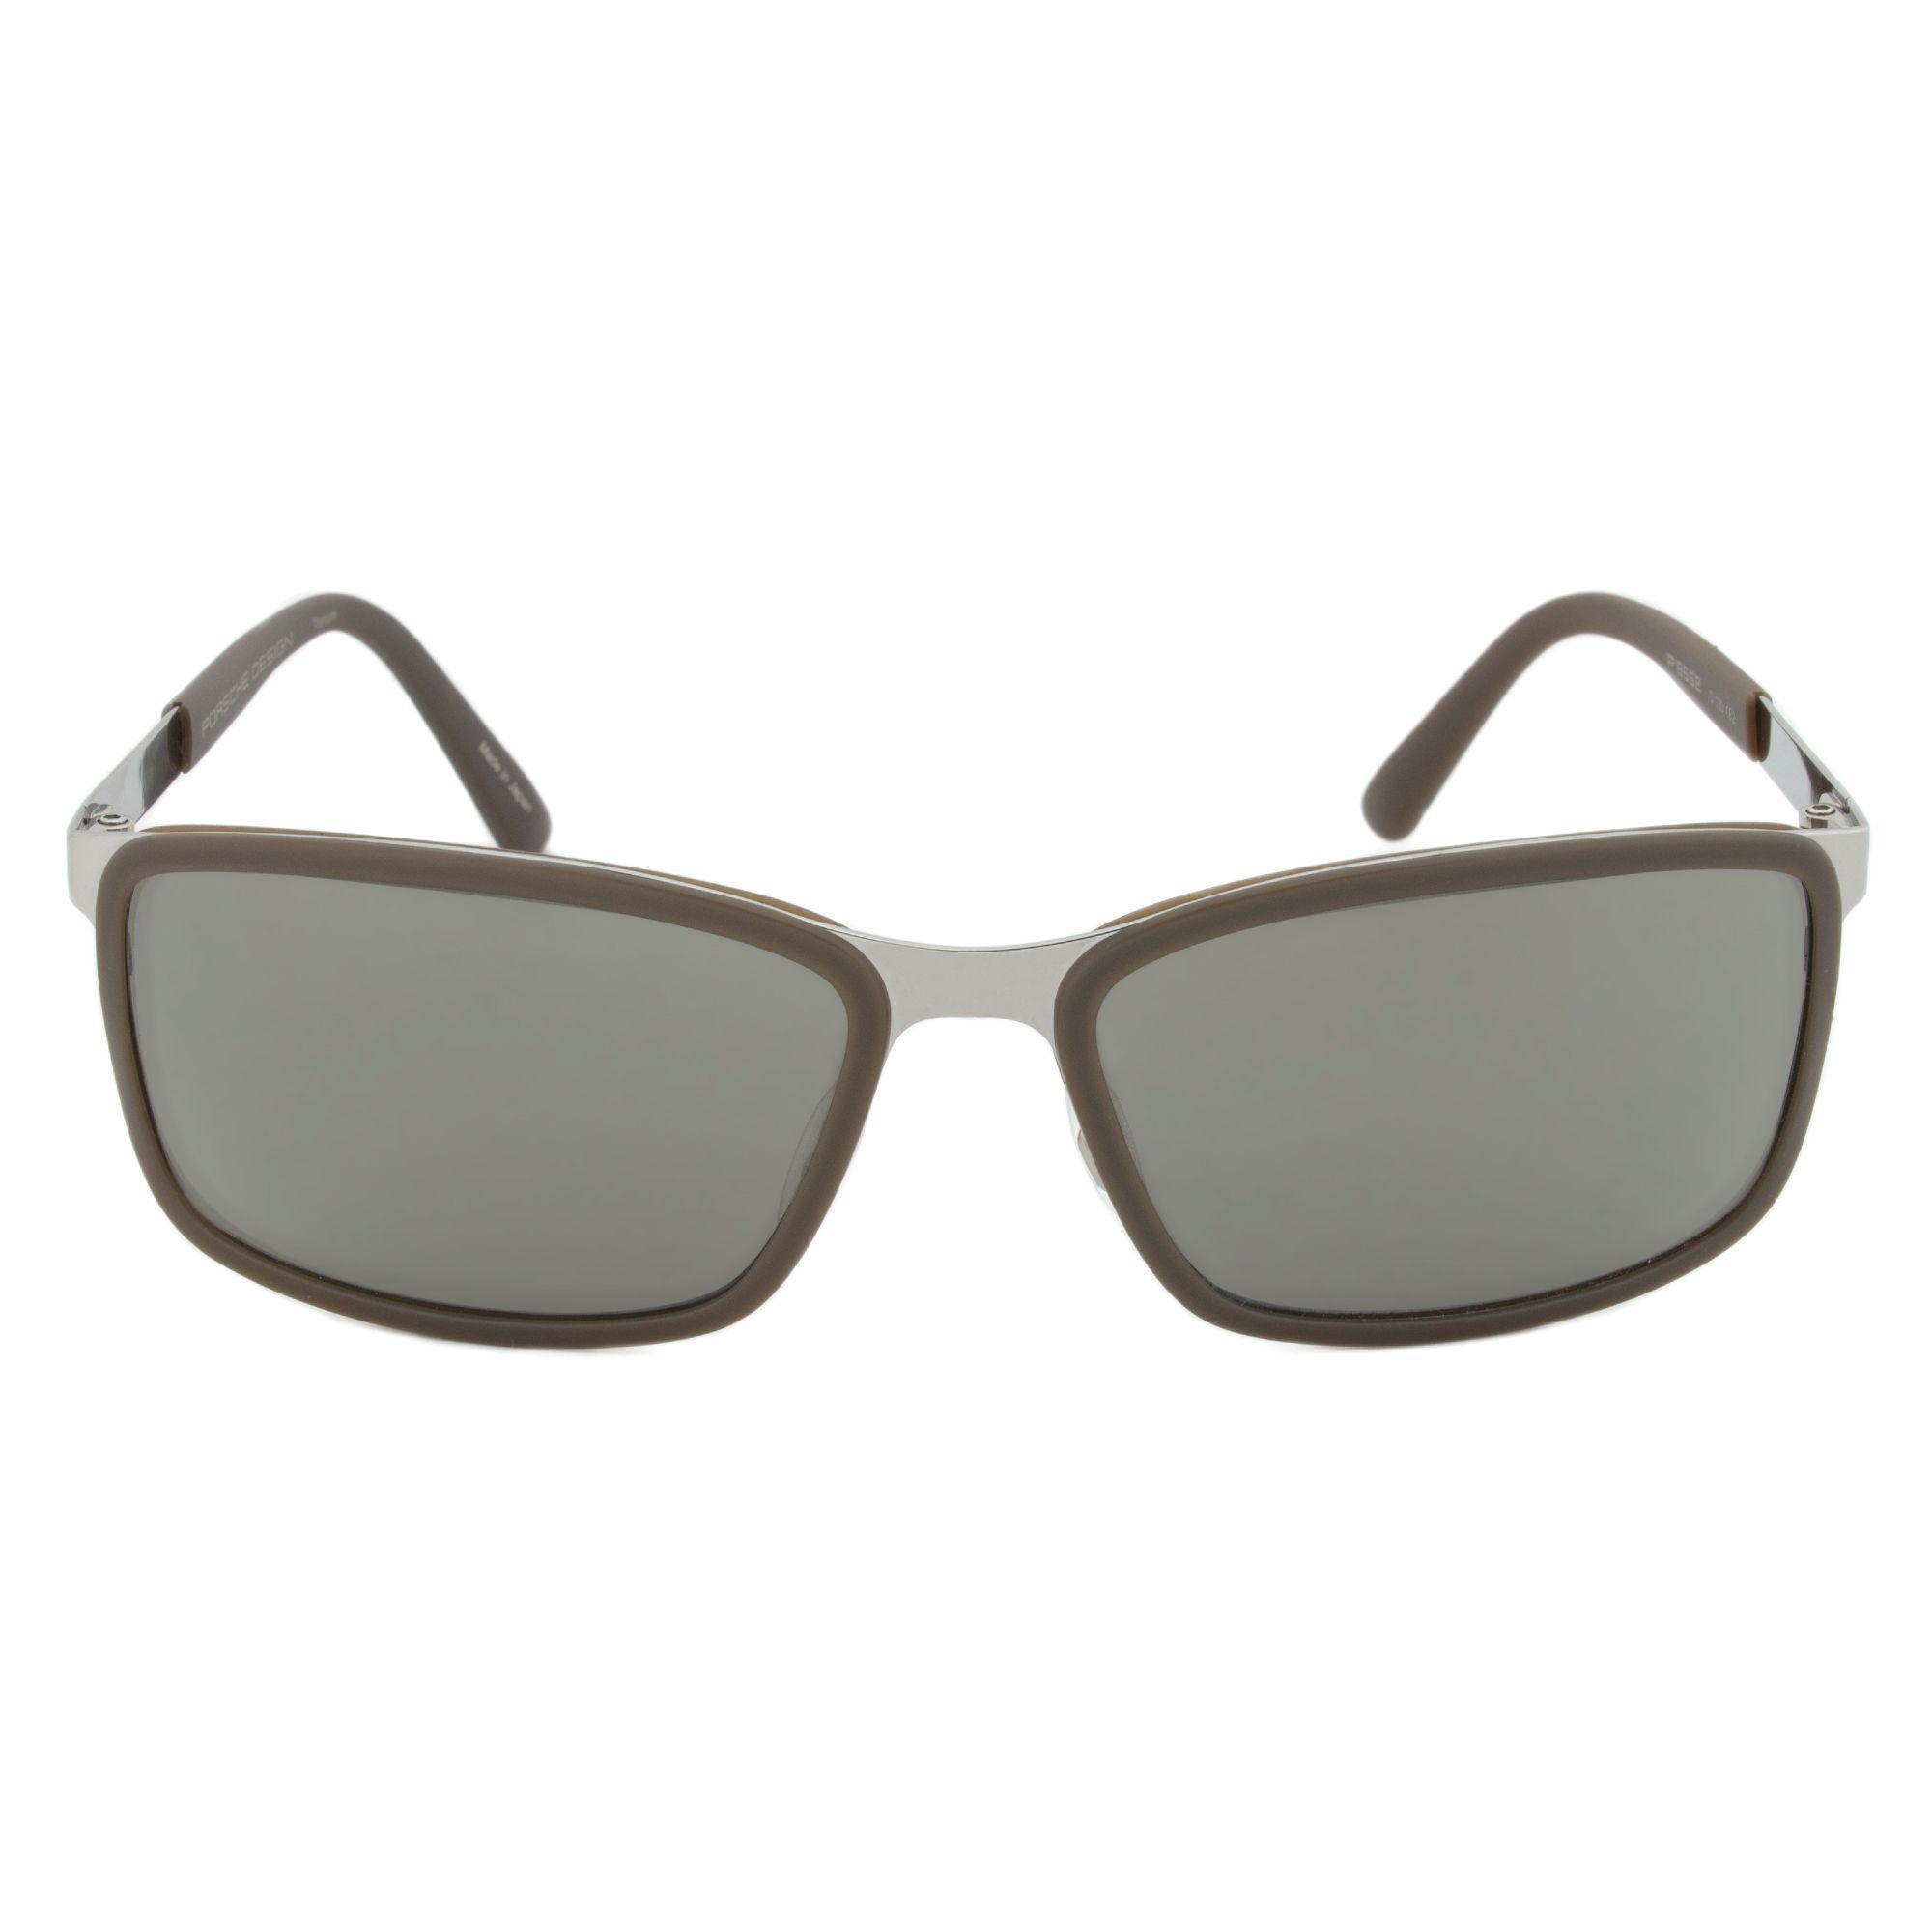 64676c7890ed Lyst - Porsche Design Design P8552 D Rectangular Sunglasses